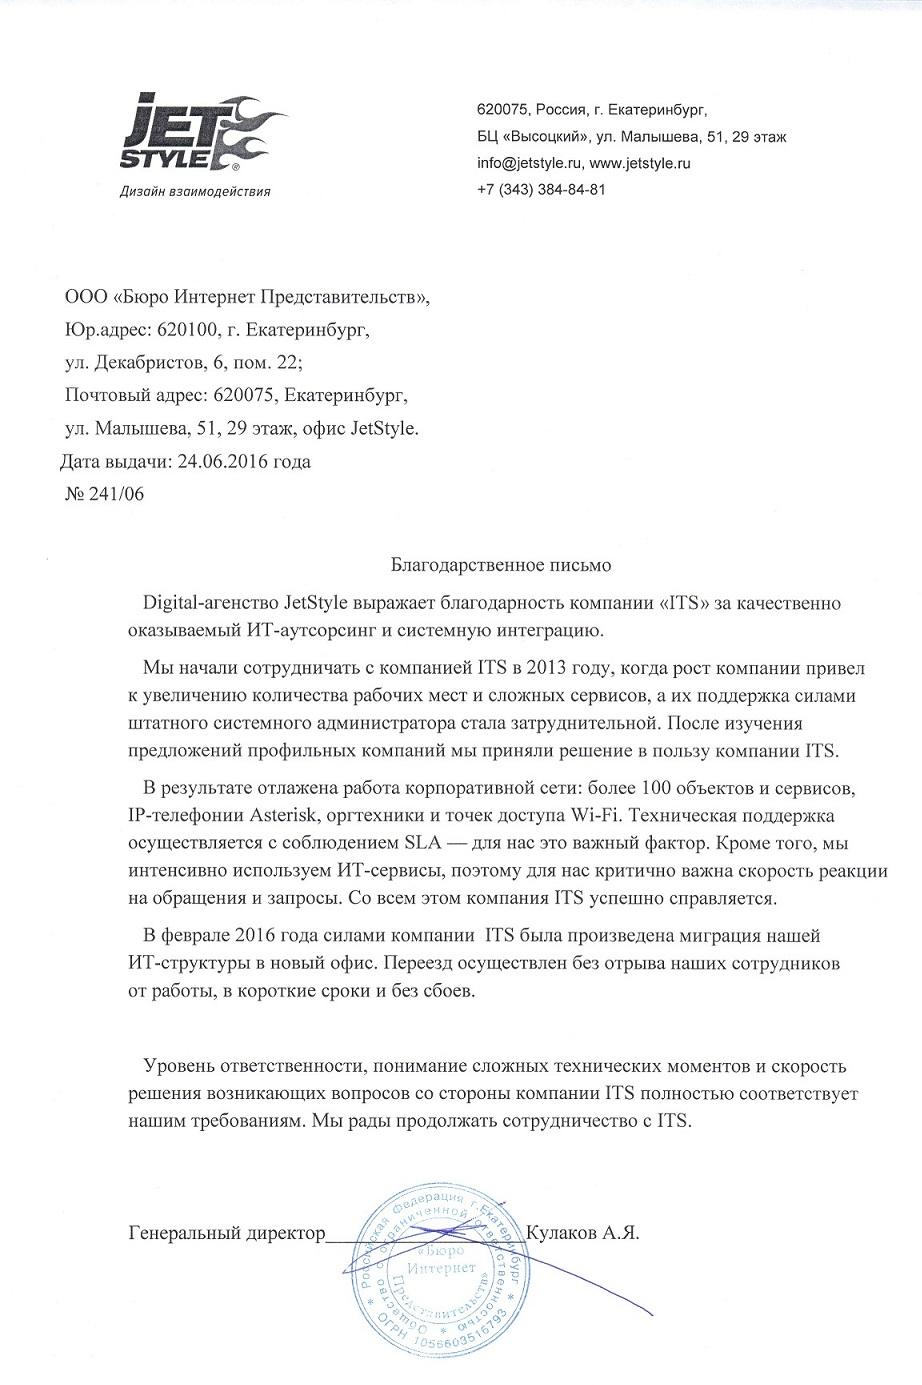 Абонентское обслуживание компьютеров Екатеринбург